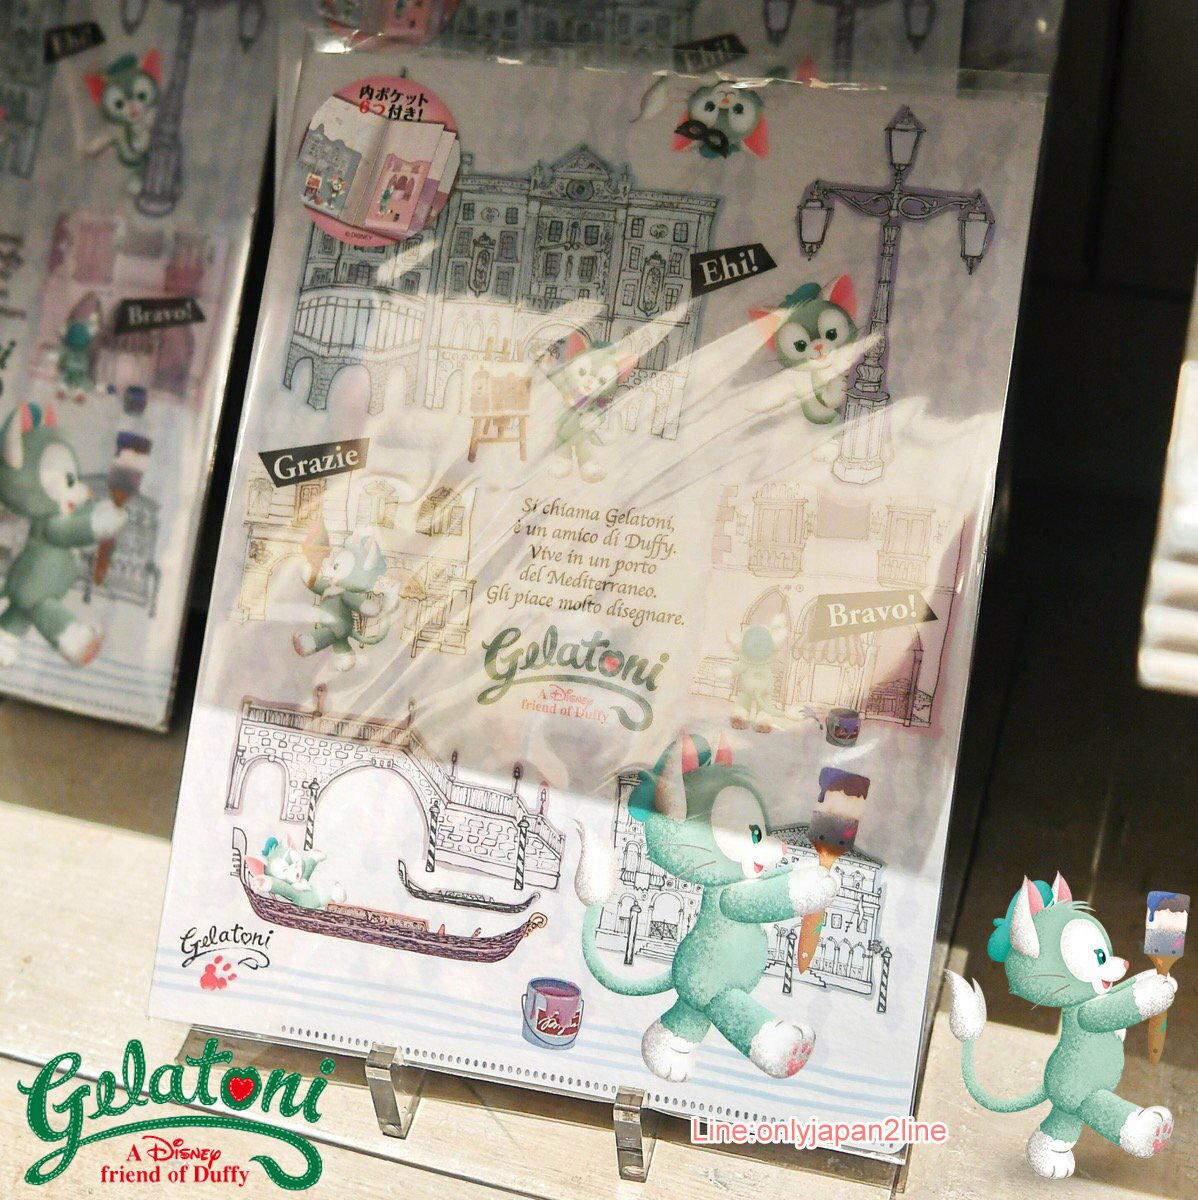 【真愛日本】經典A4資料夾三入組-傑立東尼CAA 傑拉東尼 畫家貓 雪莉玫 Duffy 達菲熊&ShellieMay